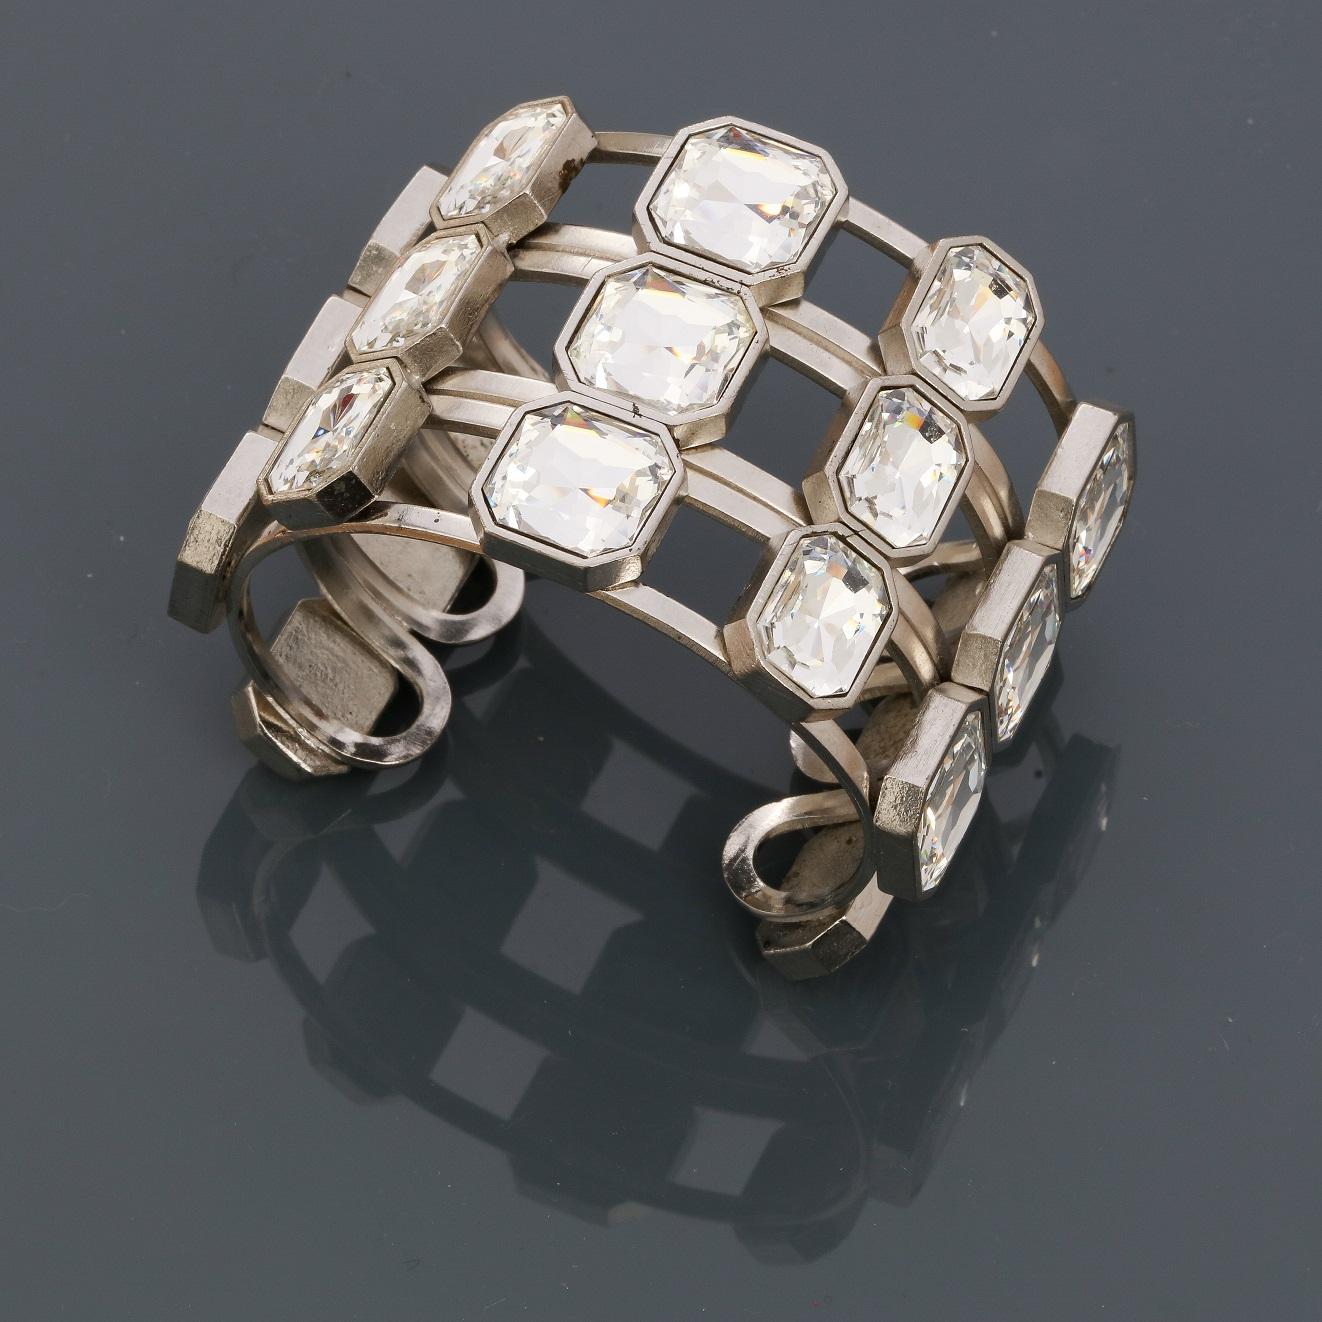 """Yves St LAURENT, Bracelet """" Manchette """" en métal rhodié, recouvert de strass """" [...]"""